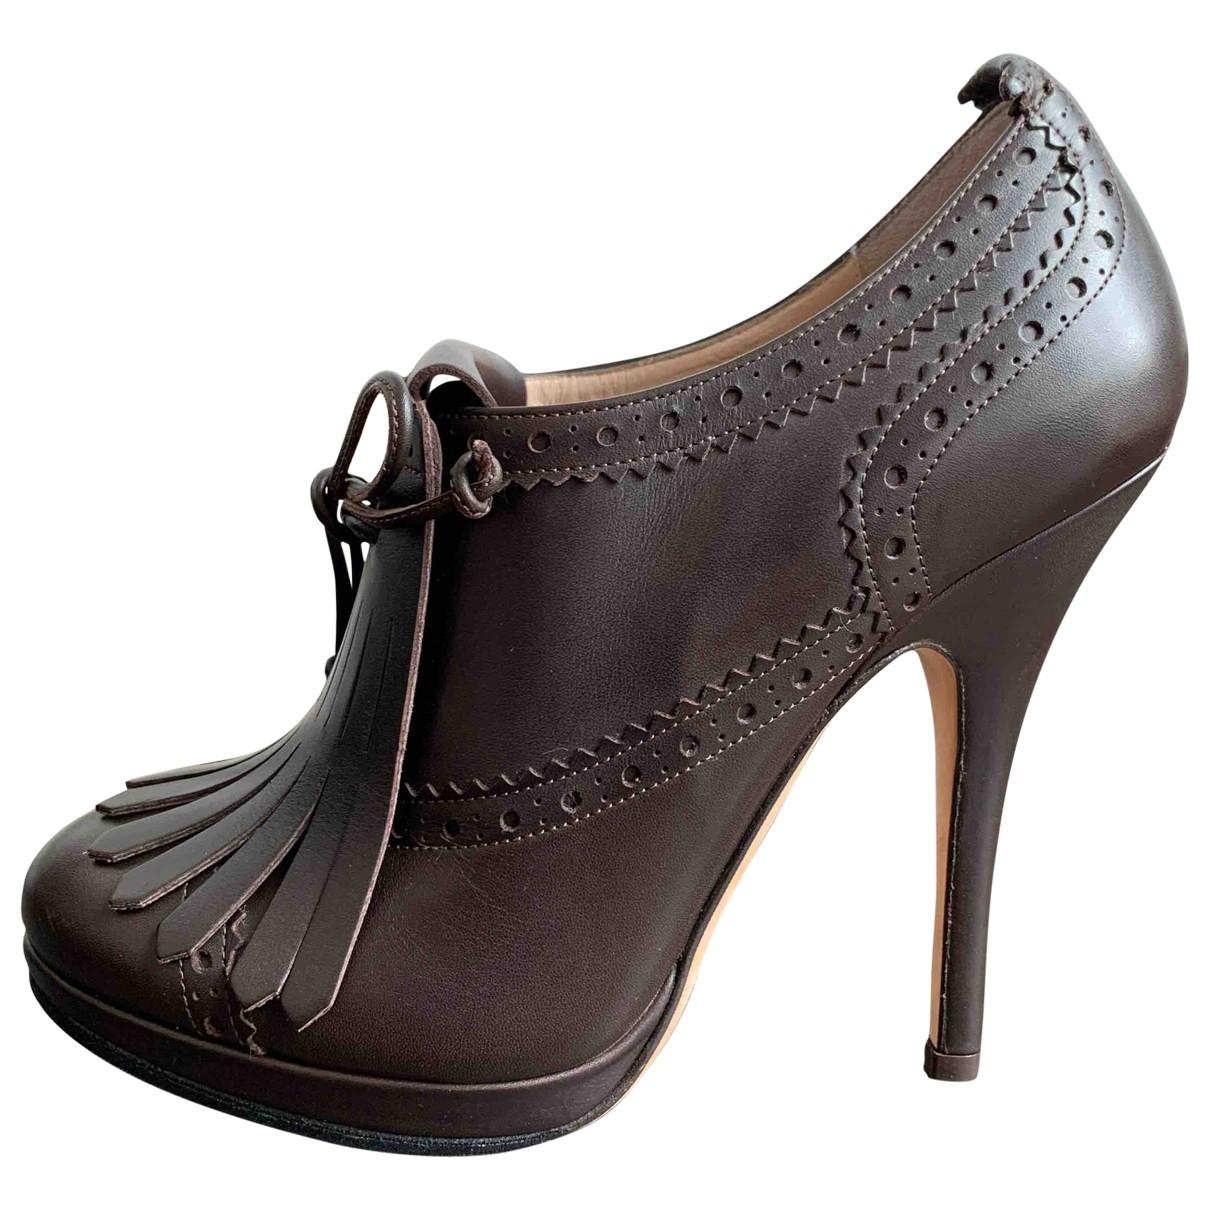 Bally - Escarpins   pour femme en cuir - marron